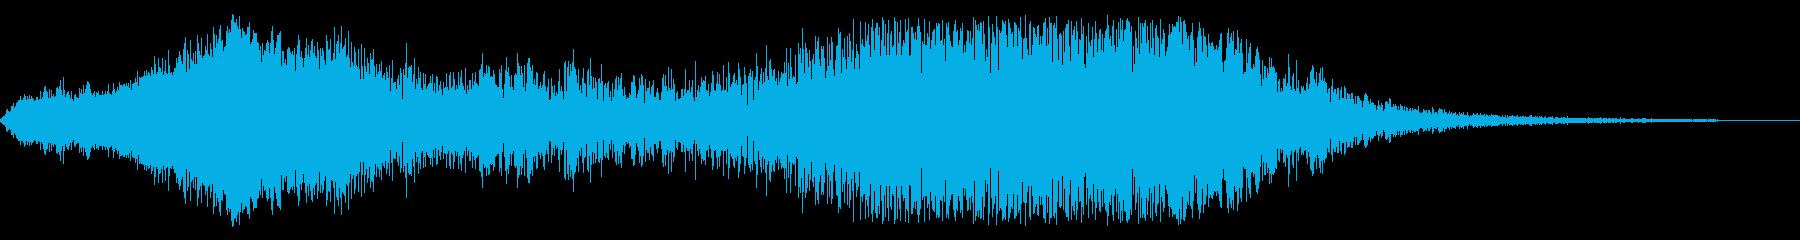 F1などのレース、エンジン効果音38!の再生済みの波形